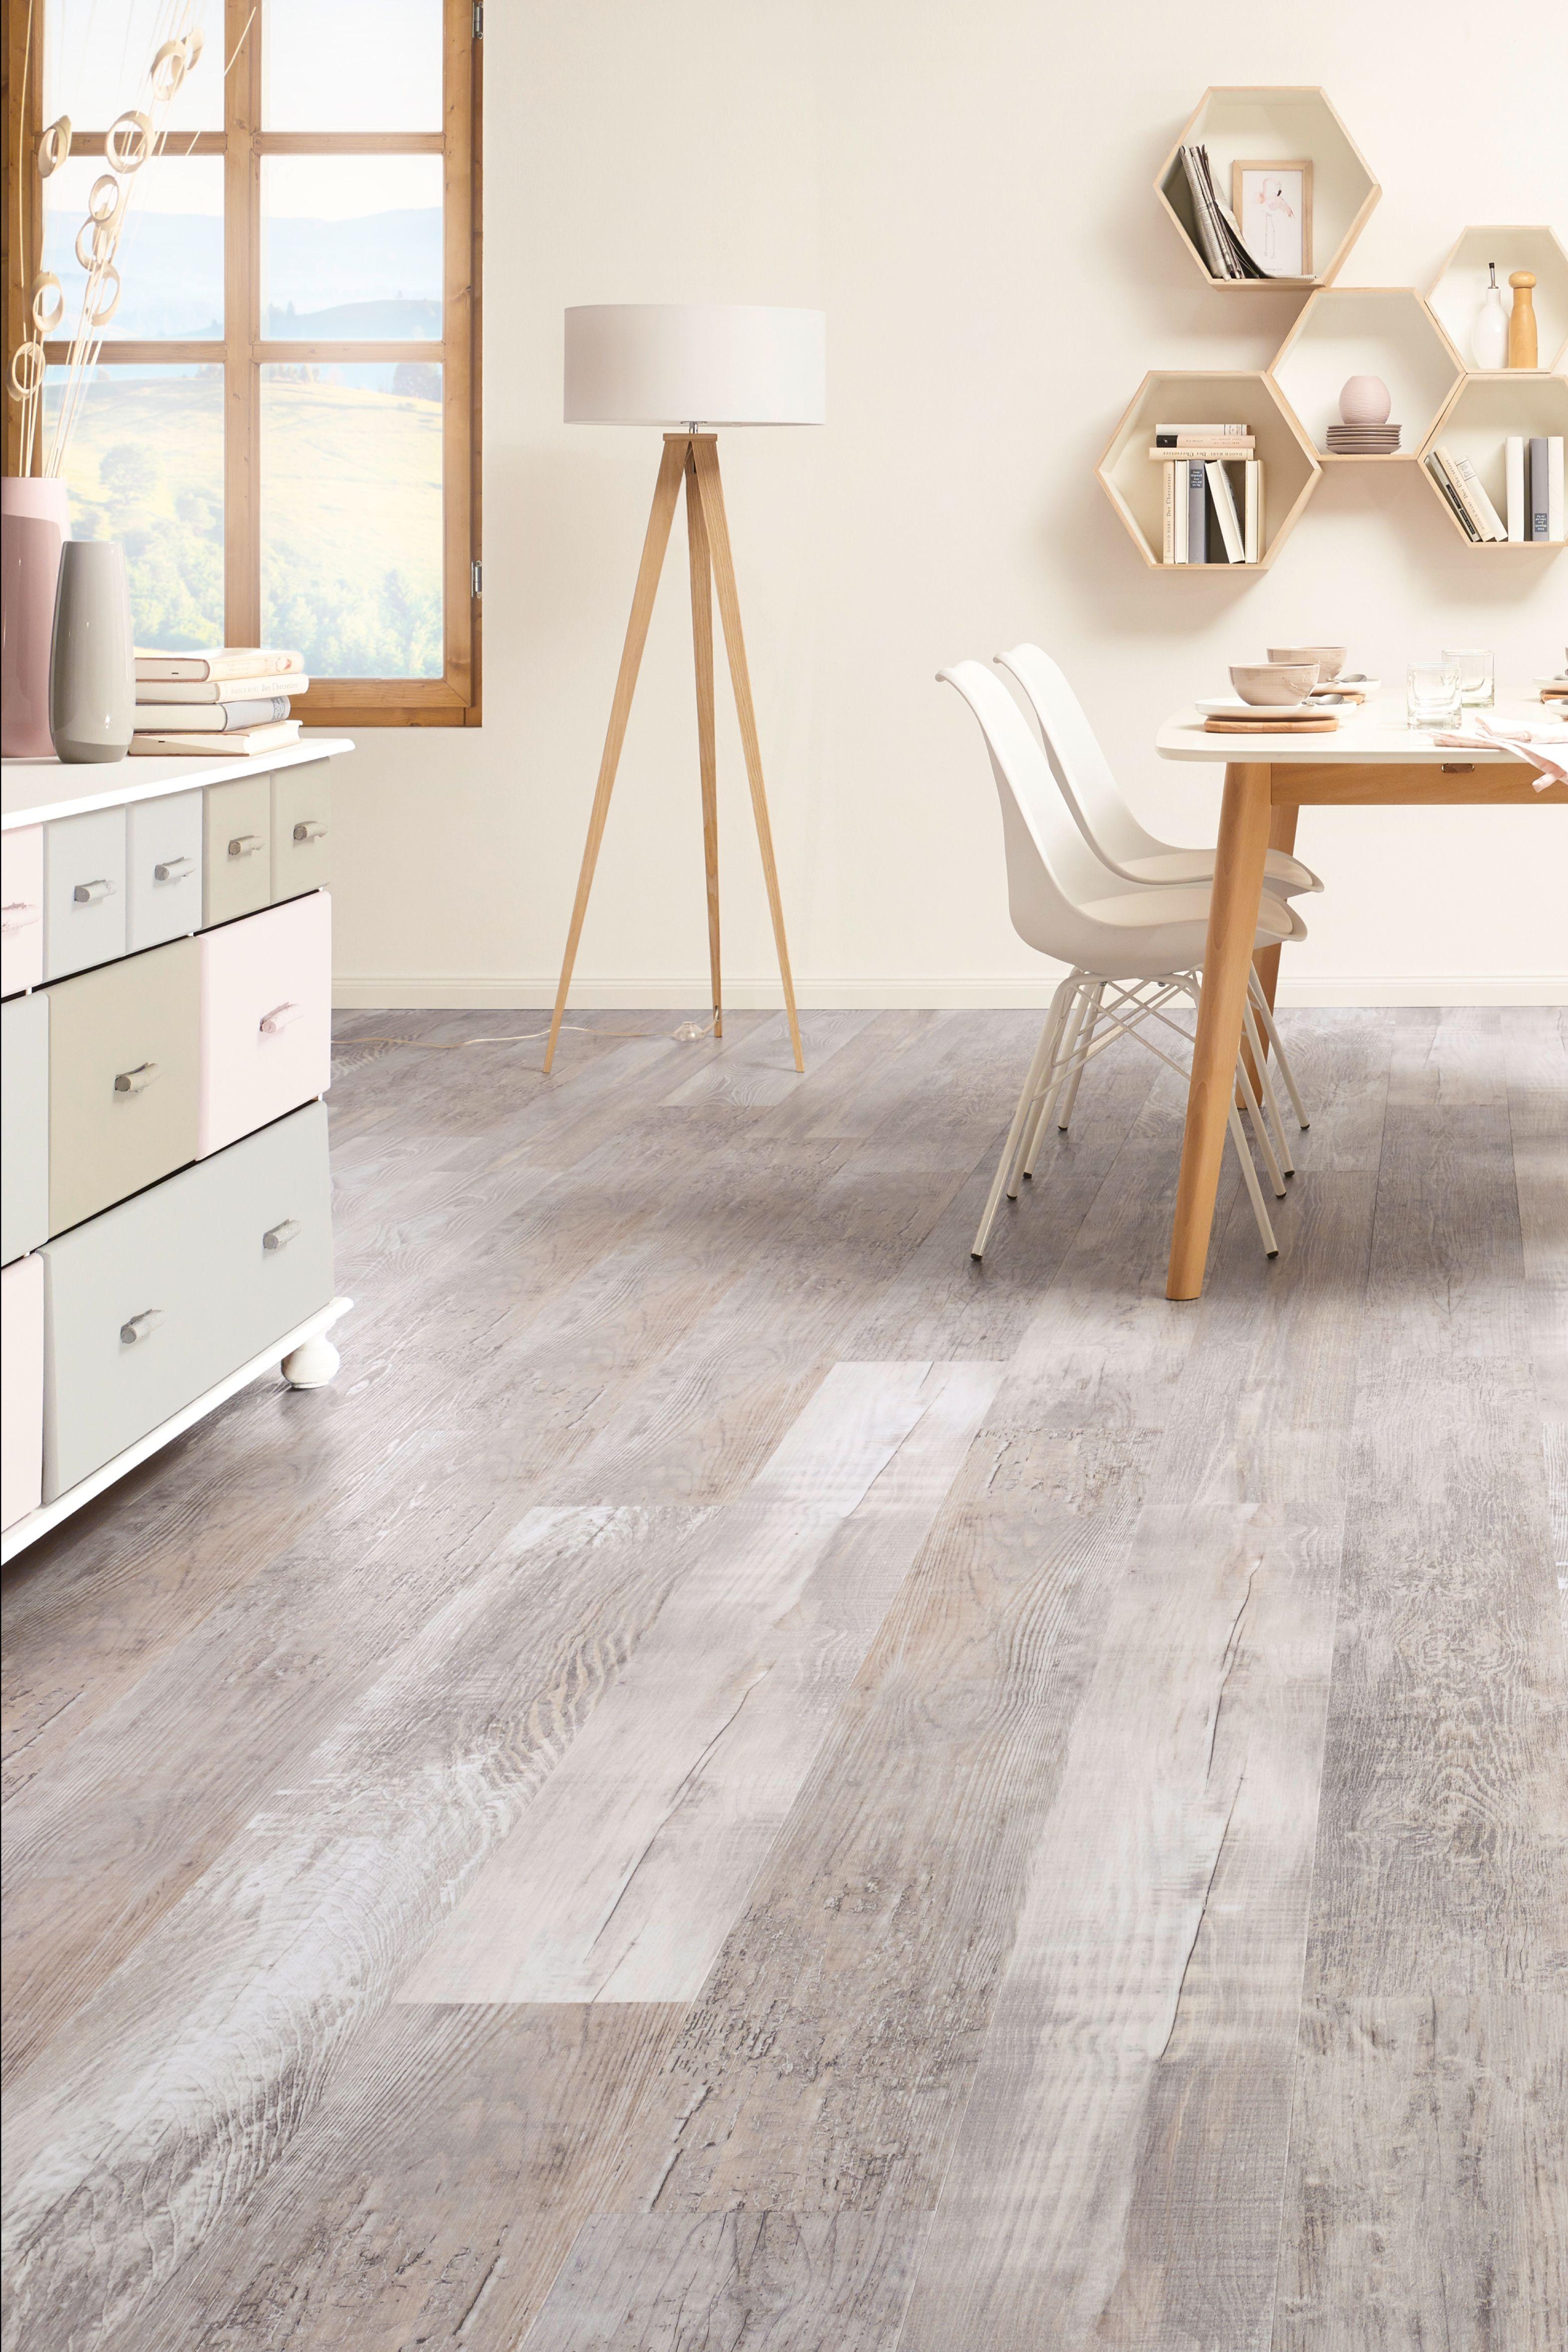 Grauer Vinylboden passt gut zur Holzoptik